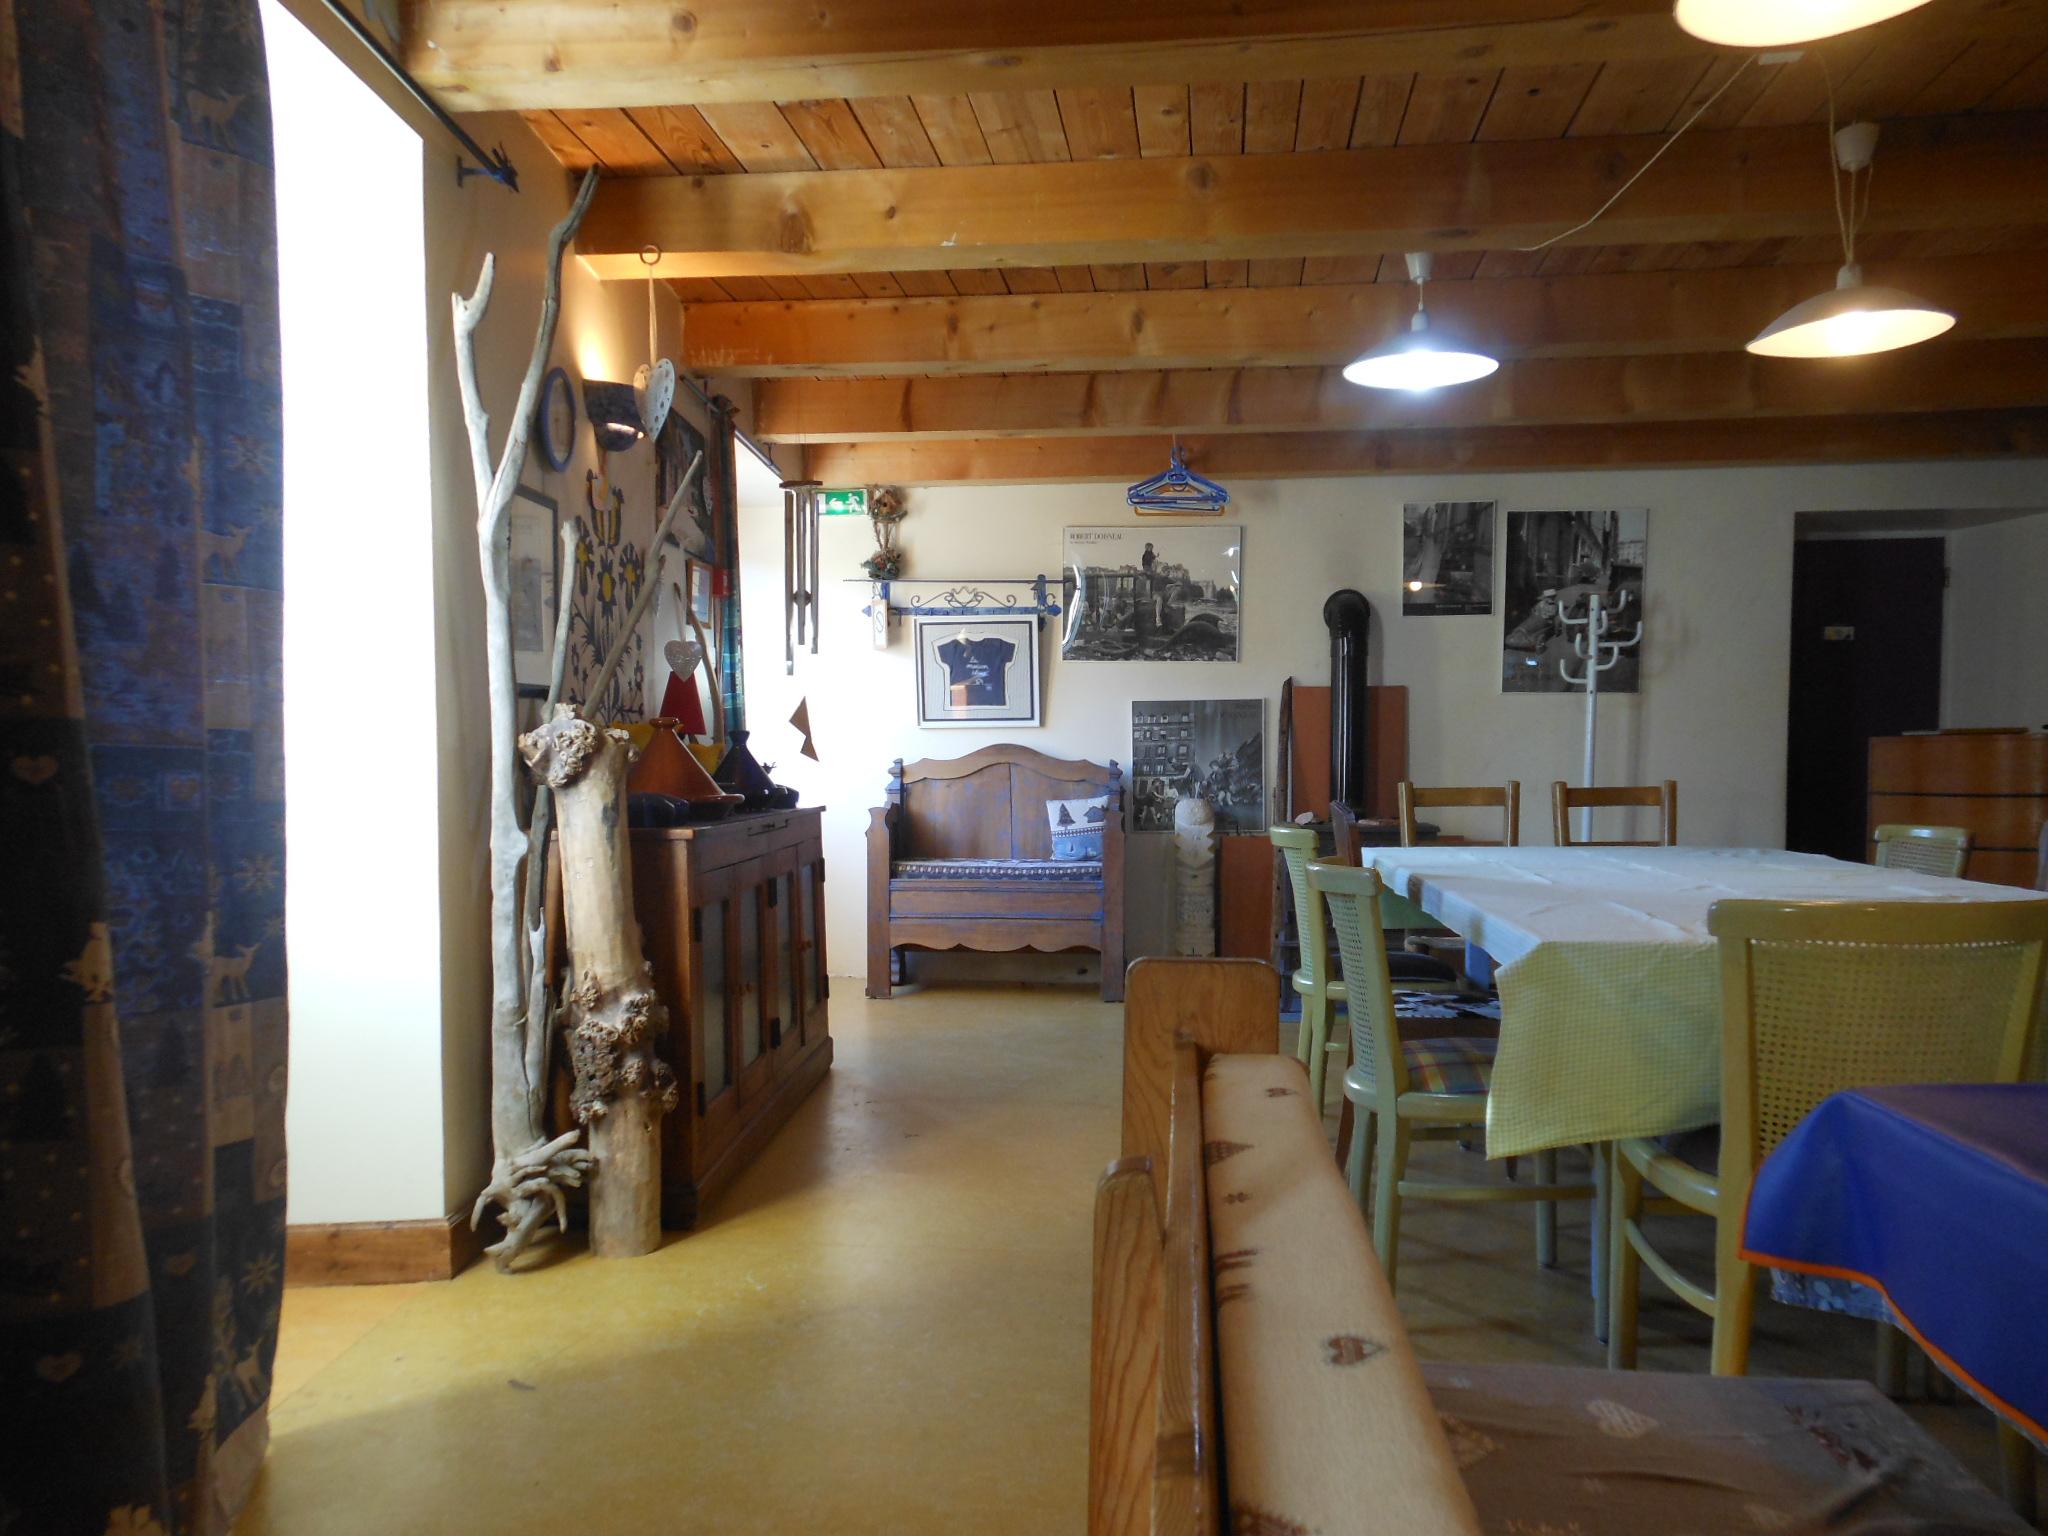 15 amis en salle pour le weekend location gite 20 personnes en ard che location g te de. Black Bedroom Furniture Sets. Home Design Ideas